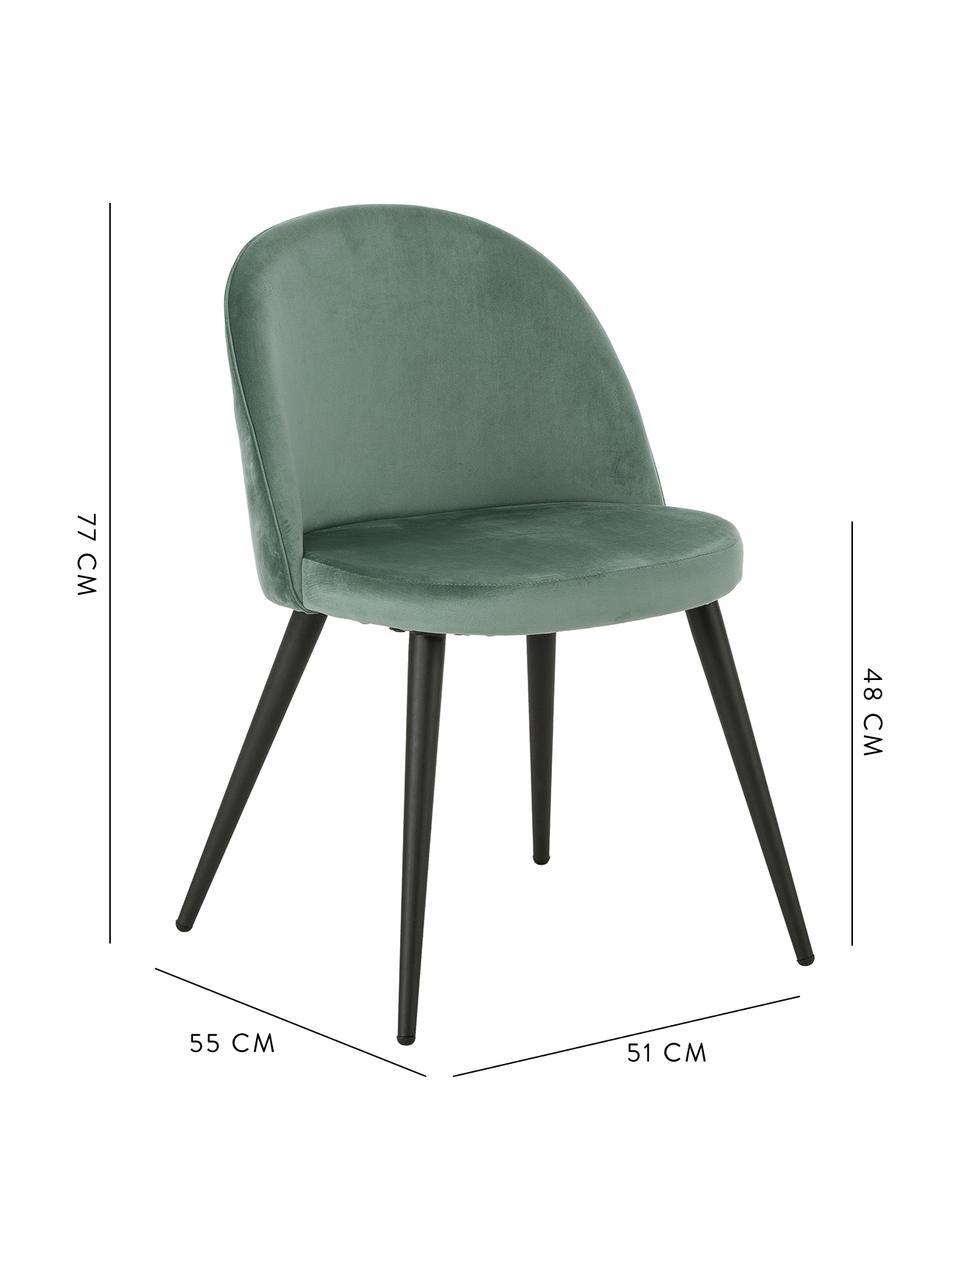 Sedia imbottita in velluto Amy 2 pz, Rivestimento: velluto (poliestere) Con , Gambe: metallo verniciato a polv, Turchese, Larg. 51 x Prof. 55 cm